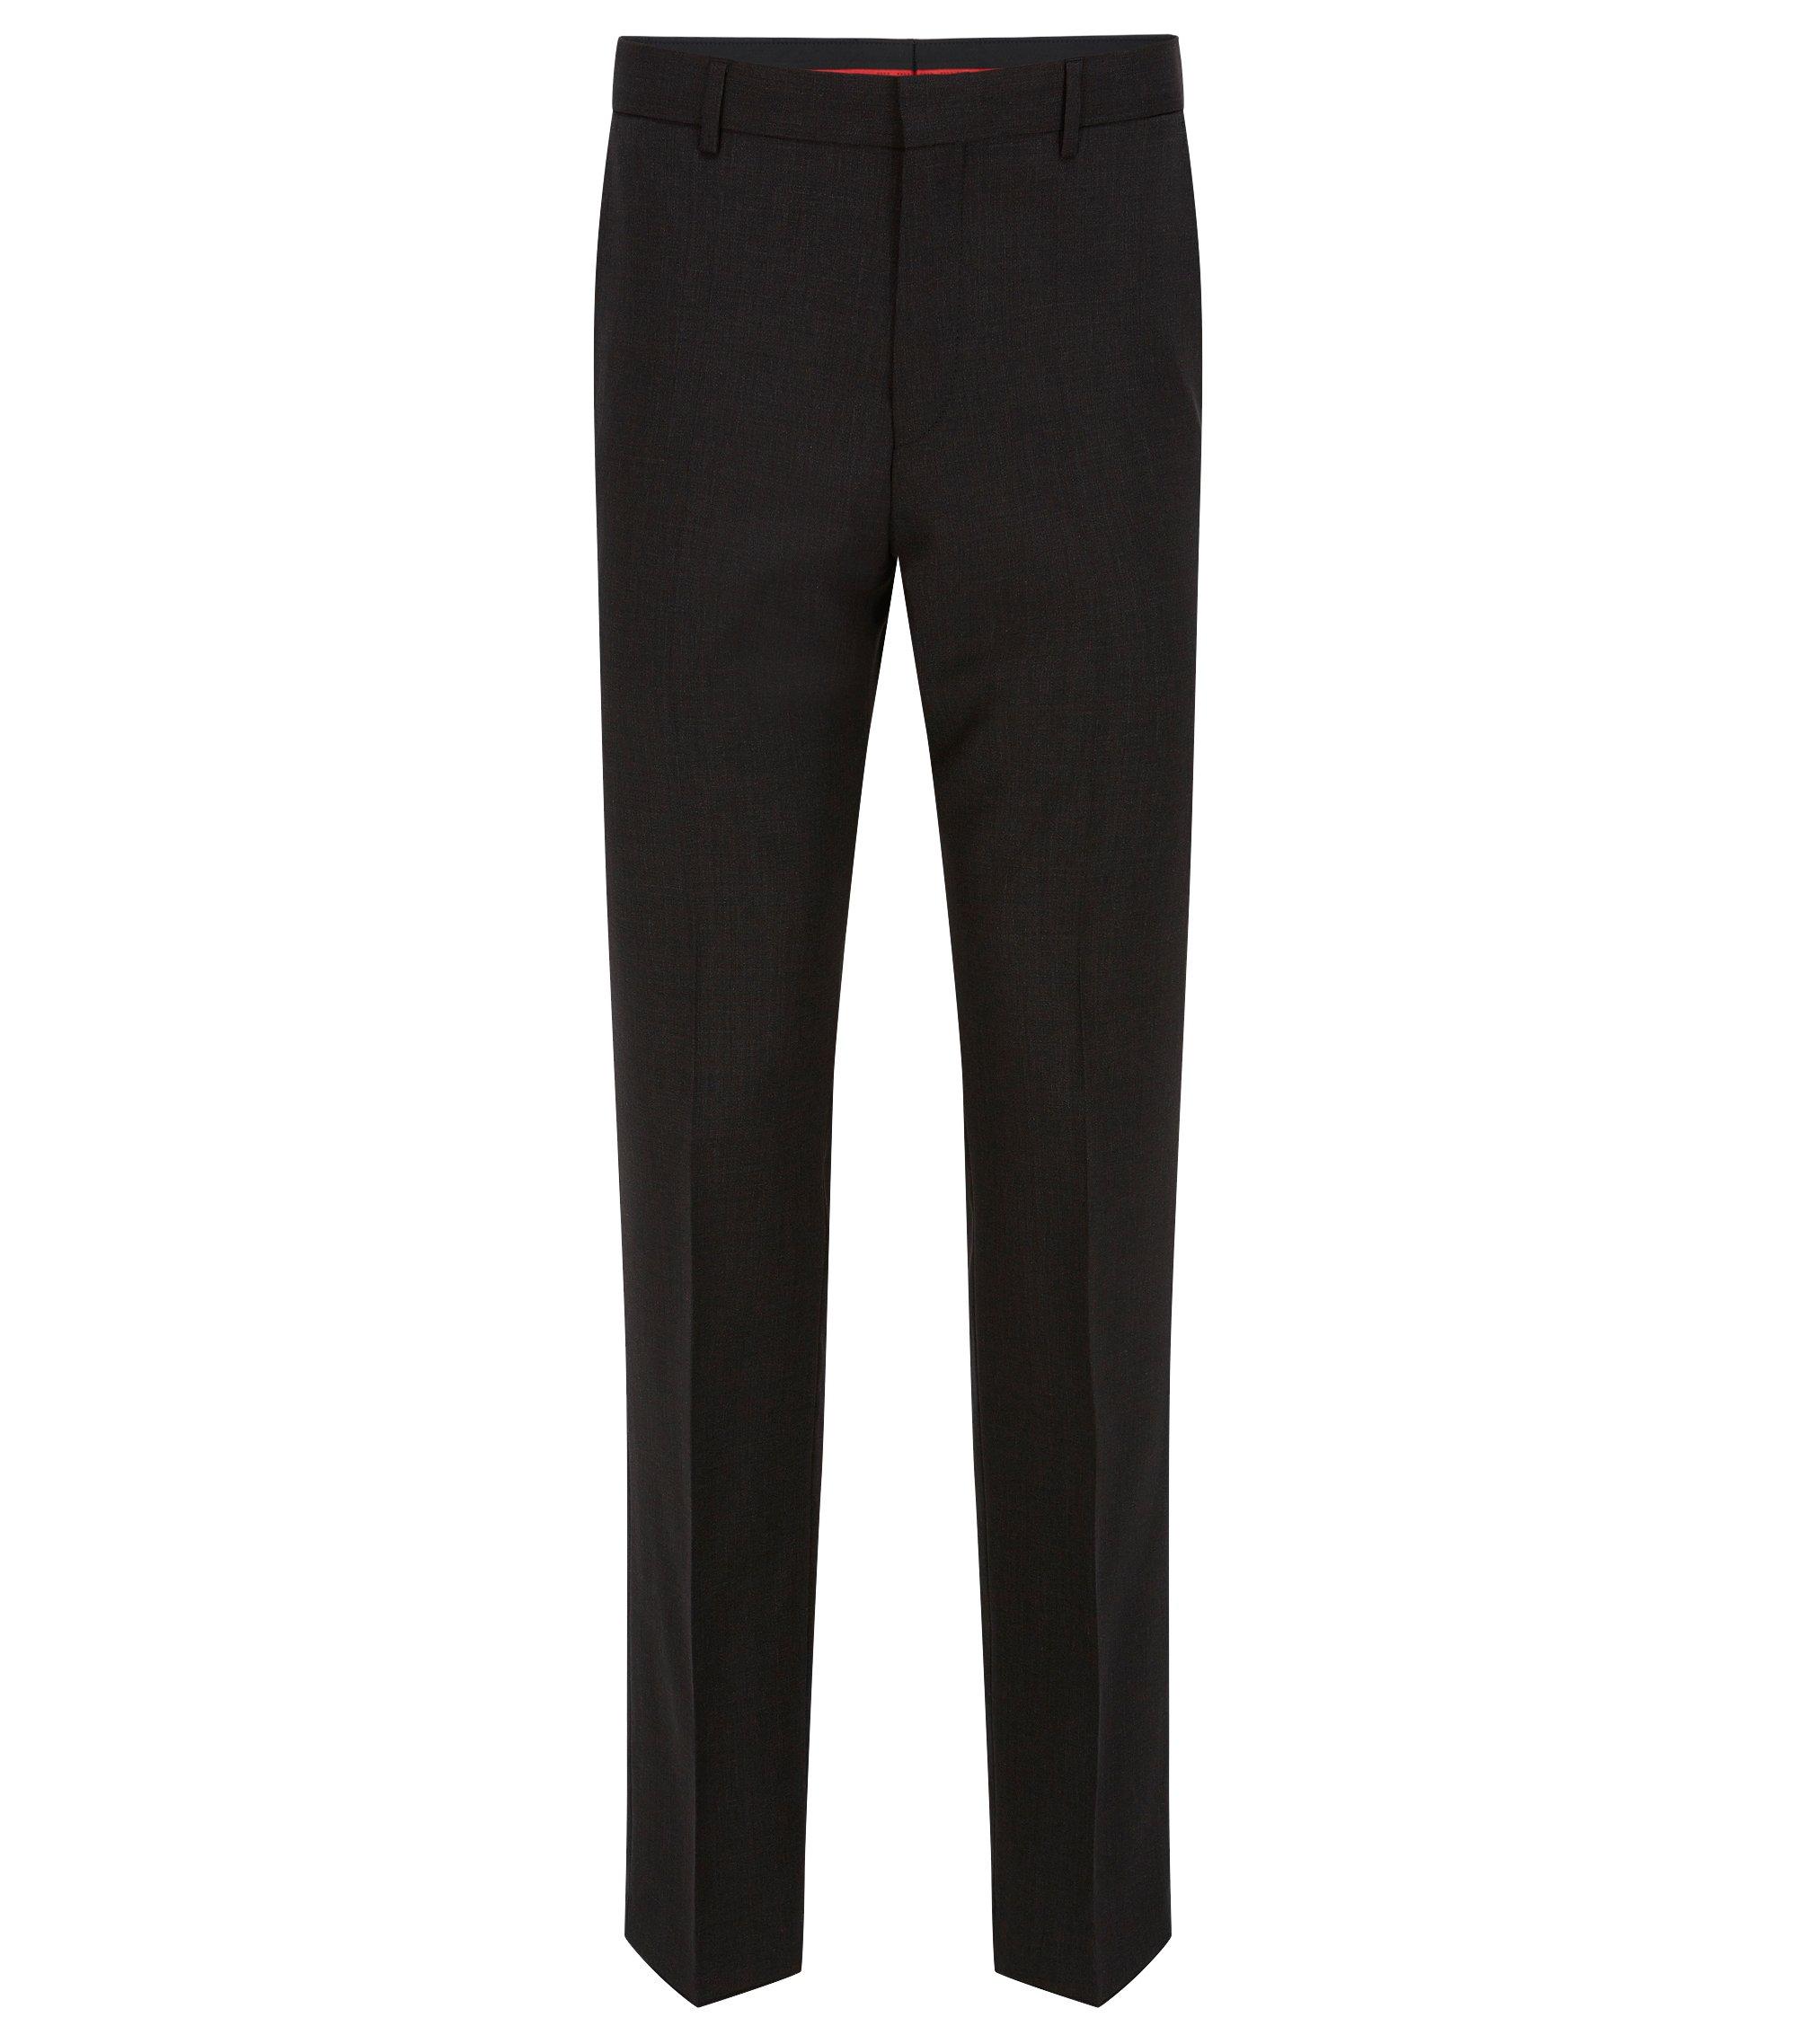 Pantaloni a gamba aderente in lana vergine elasticizzata , Grigio scuro